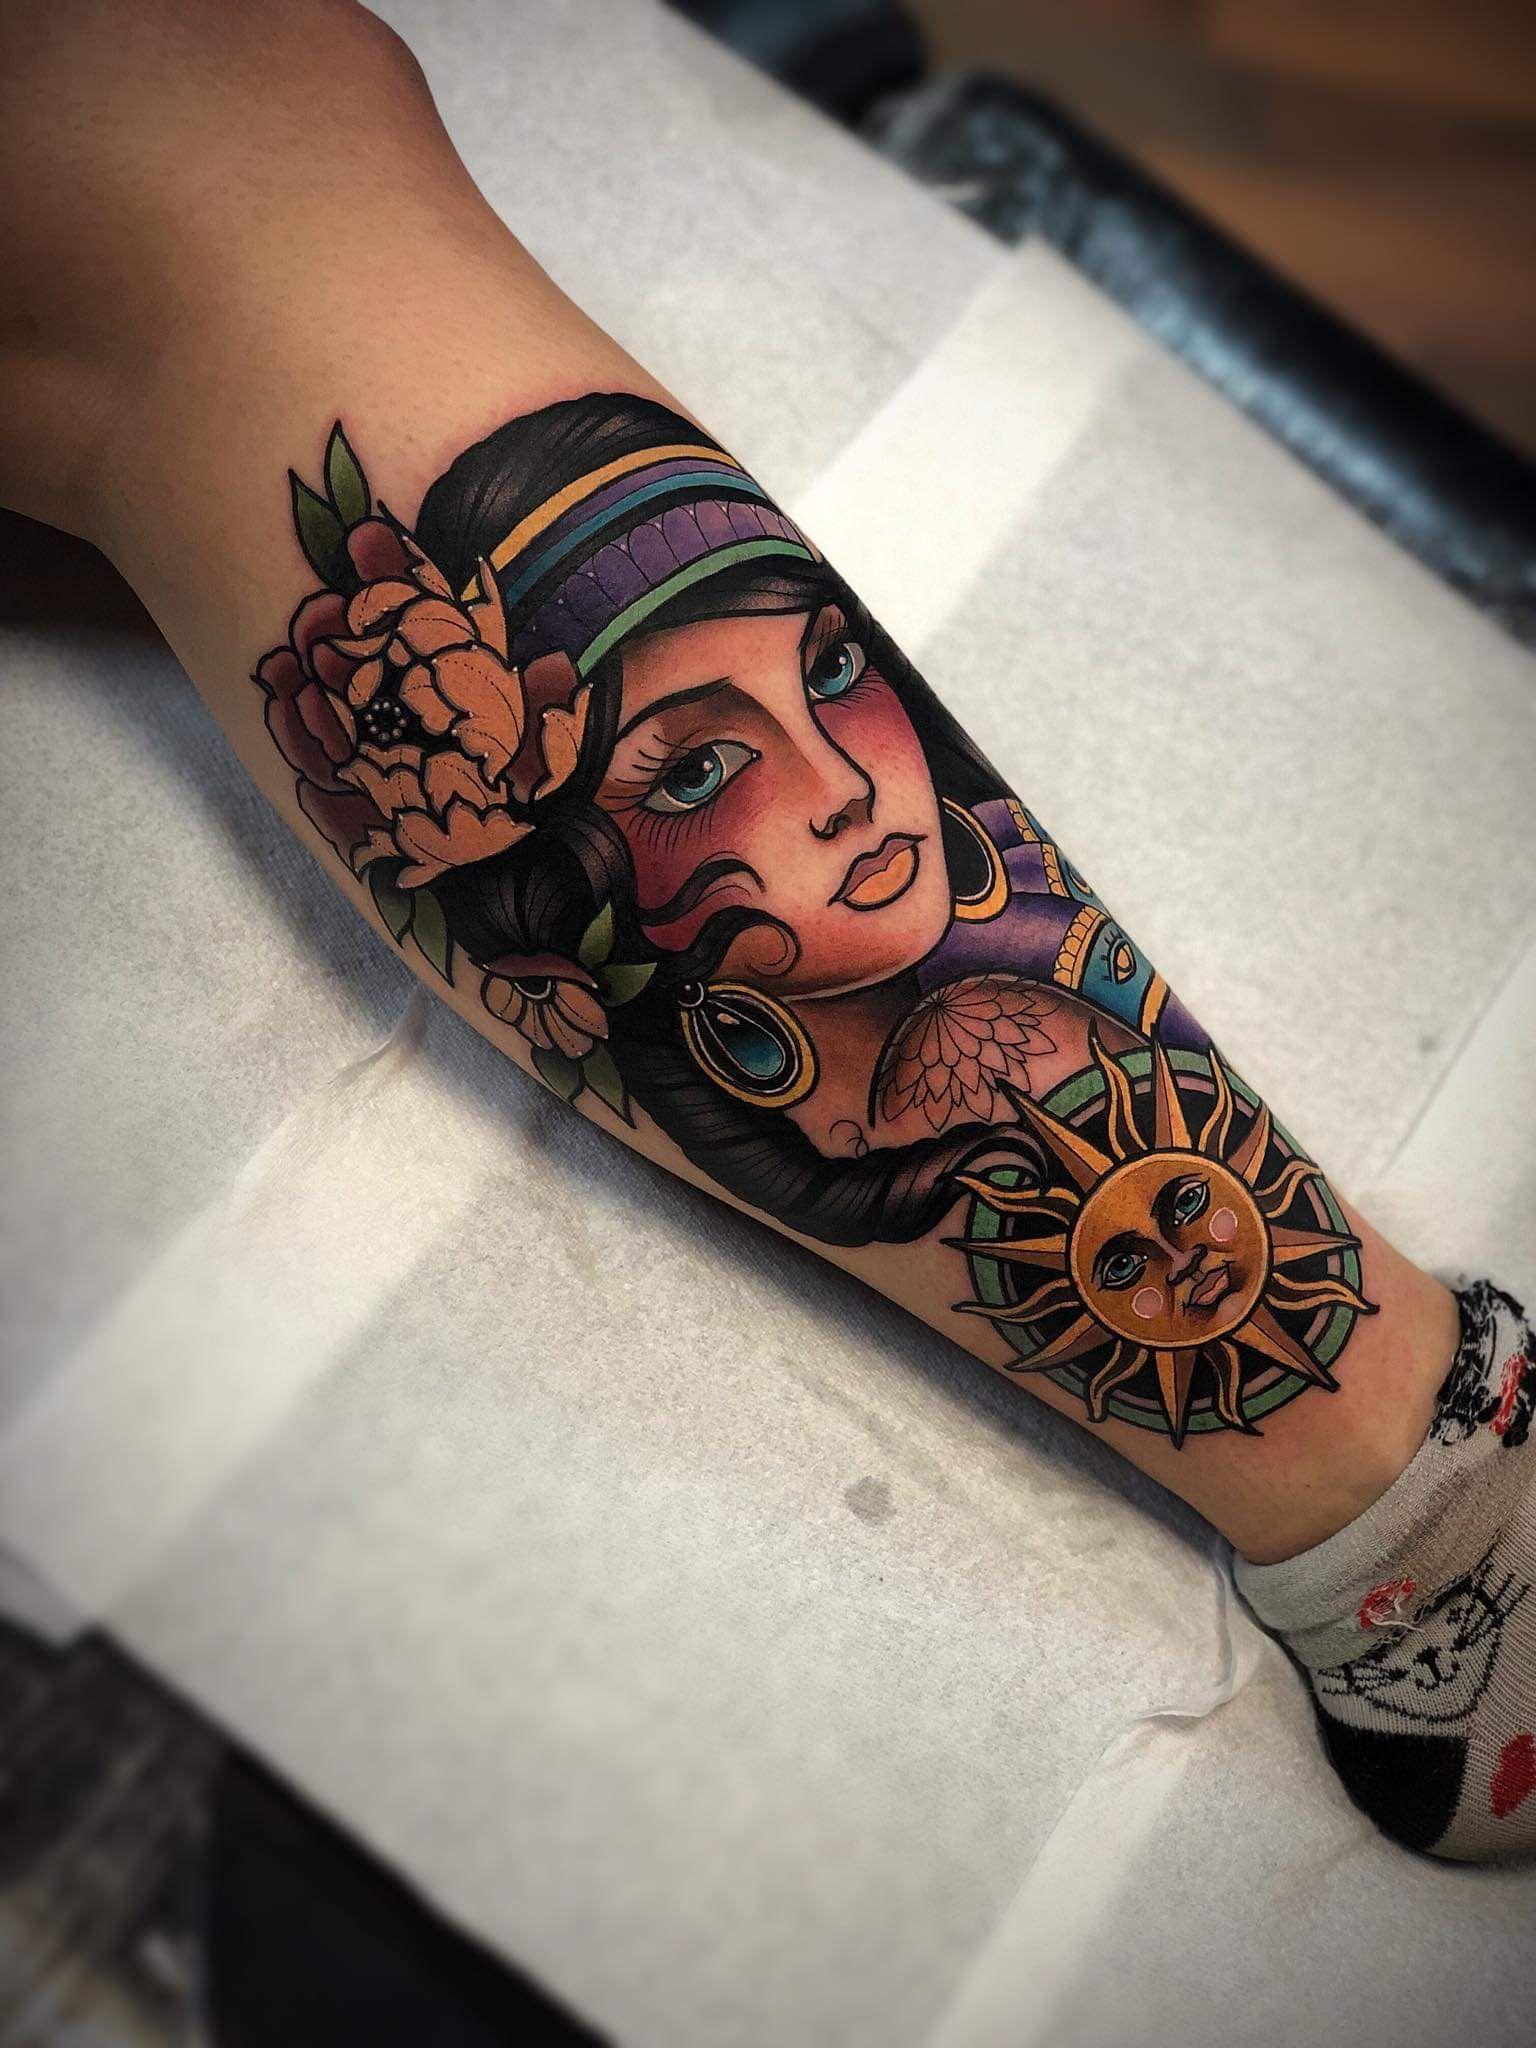 """Jess Thornton 🌵🌙 on Instagram: """"Gypsy soul 🌞✌🏼✨ New tattoo done today by the amazing @jayfletcher23 @studio31tattoo 💉😍"""""""